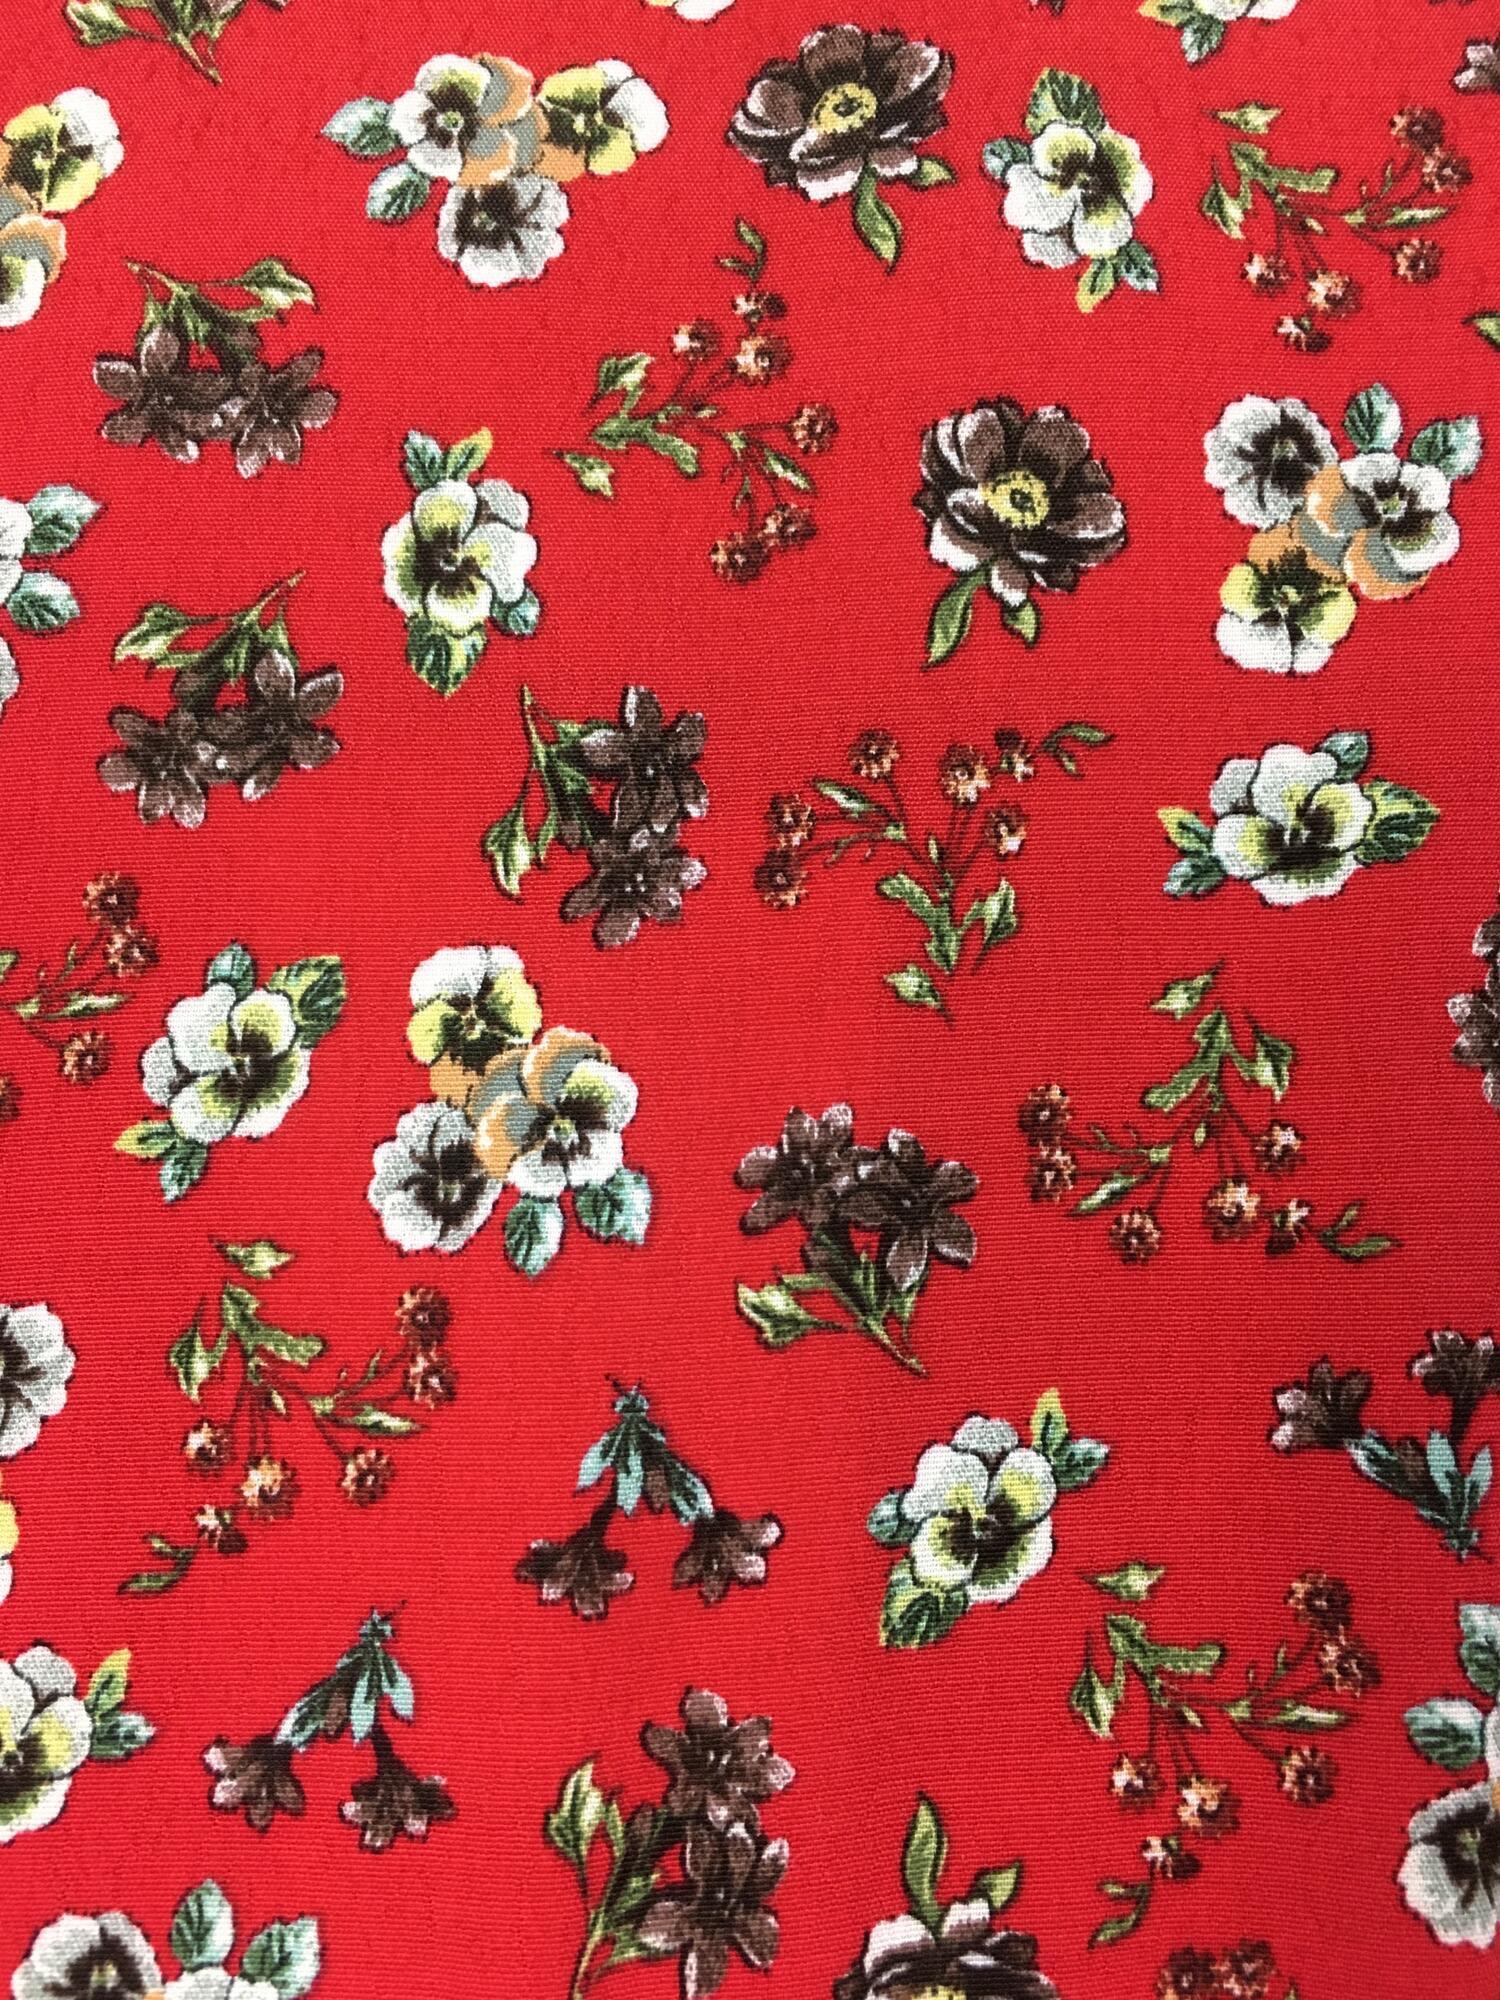 Sukienka kopertowa - czerwona w kwiatki Polanka - Slow Store | JestemSlow.pl